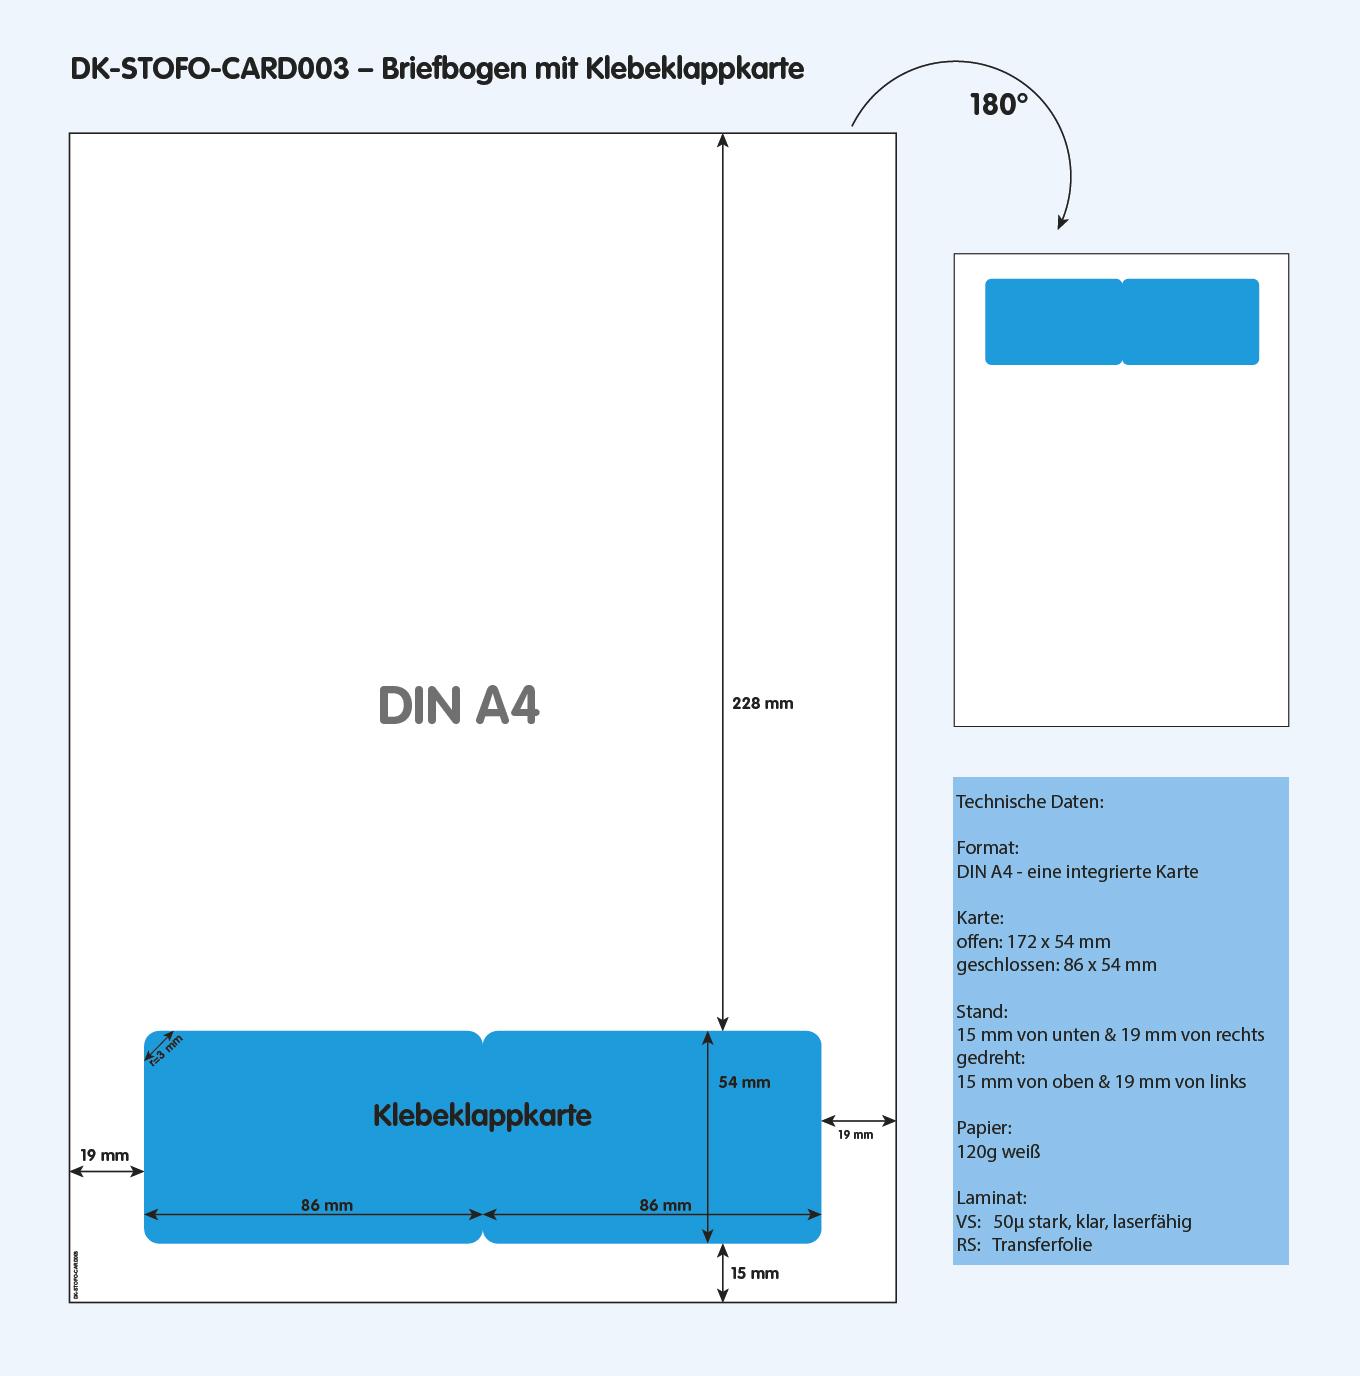 DK-STOFO-CARD003 - technische Zeichnung